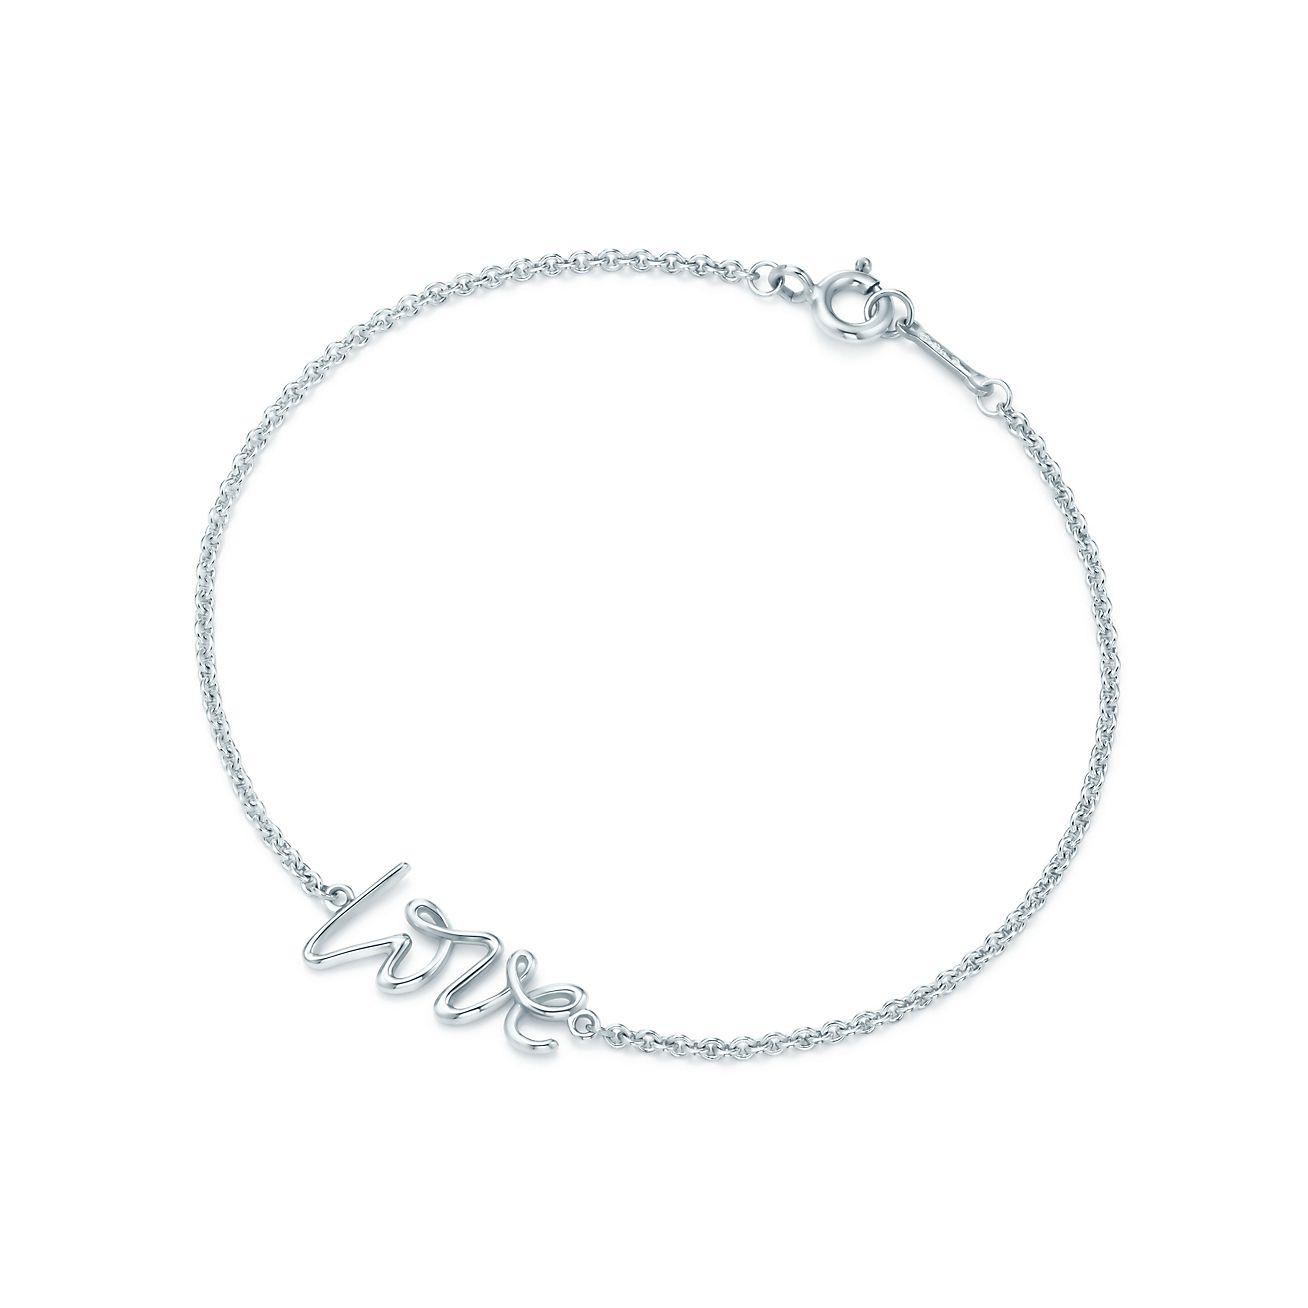 Paloma S Graffiti Love Bracelet In